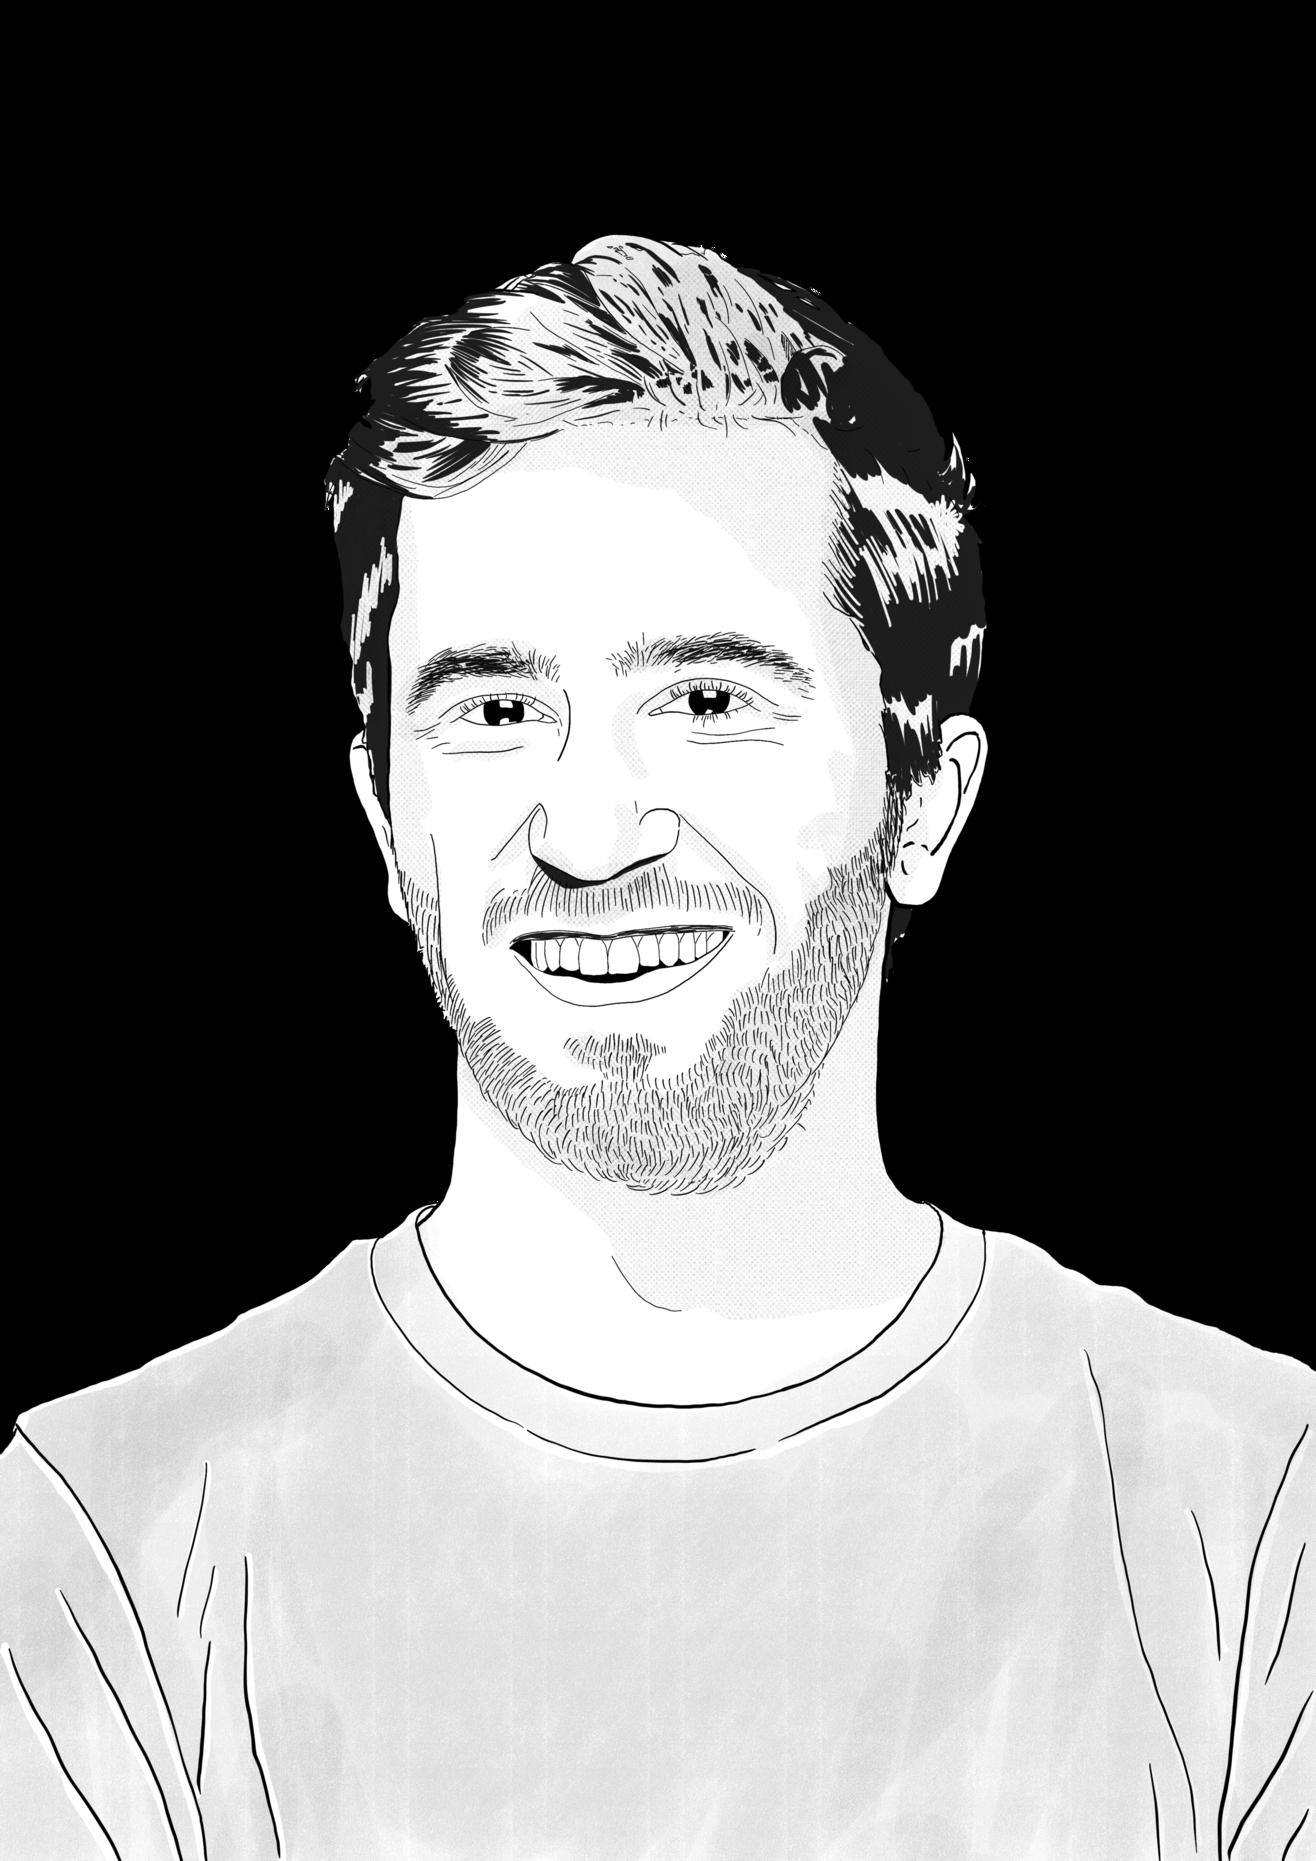 Eine schwarz-weiß Skizze von Moritz Klein.